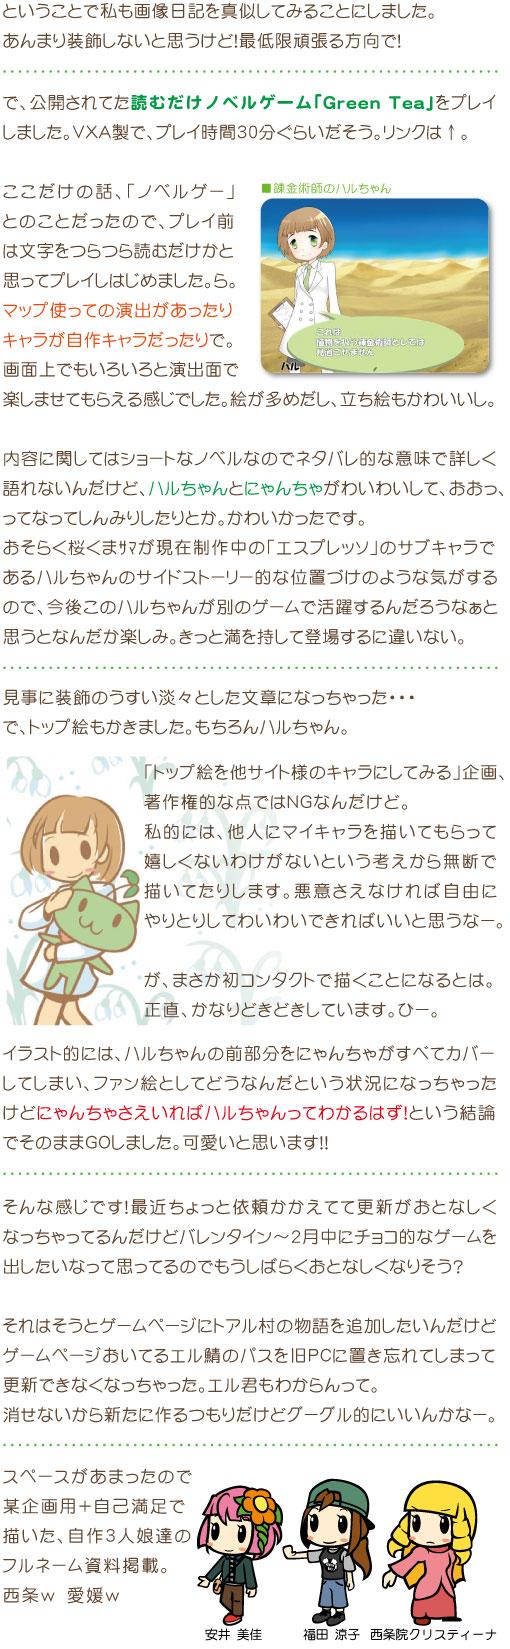 2013_02_04.jpg